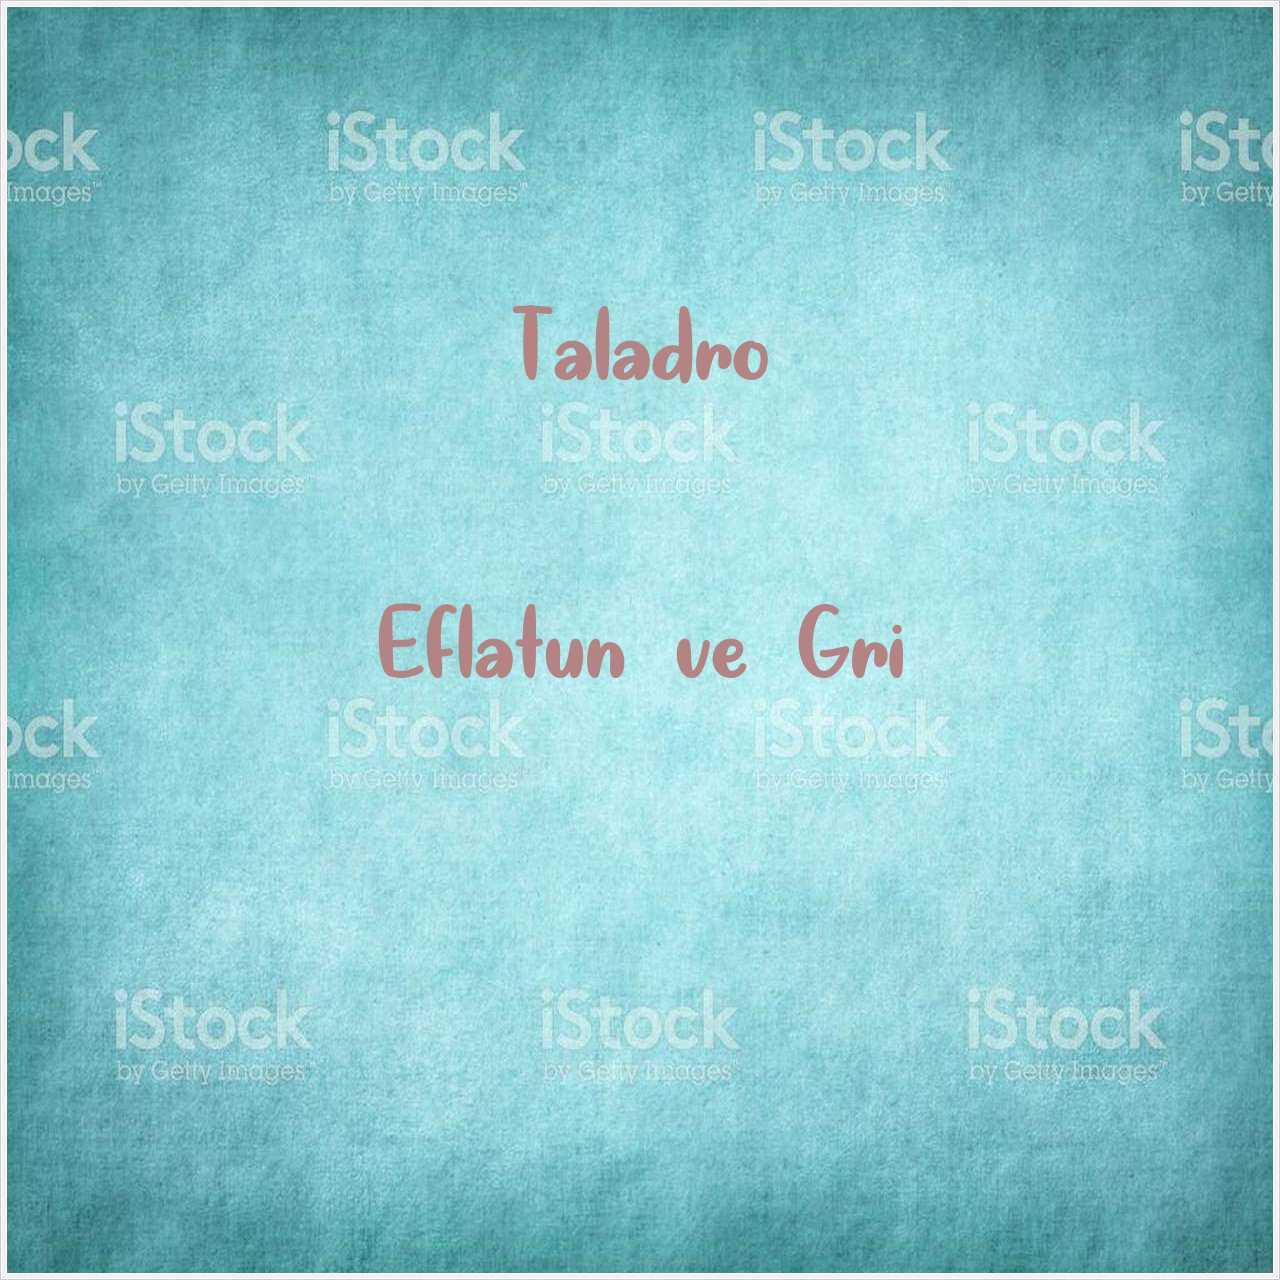 دانلود آهنگ جدید Taladro به نام Eflatun ve Gri